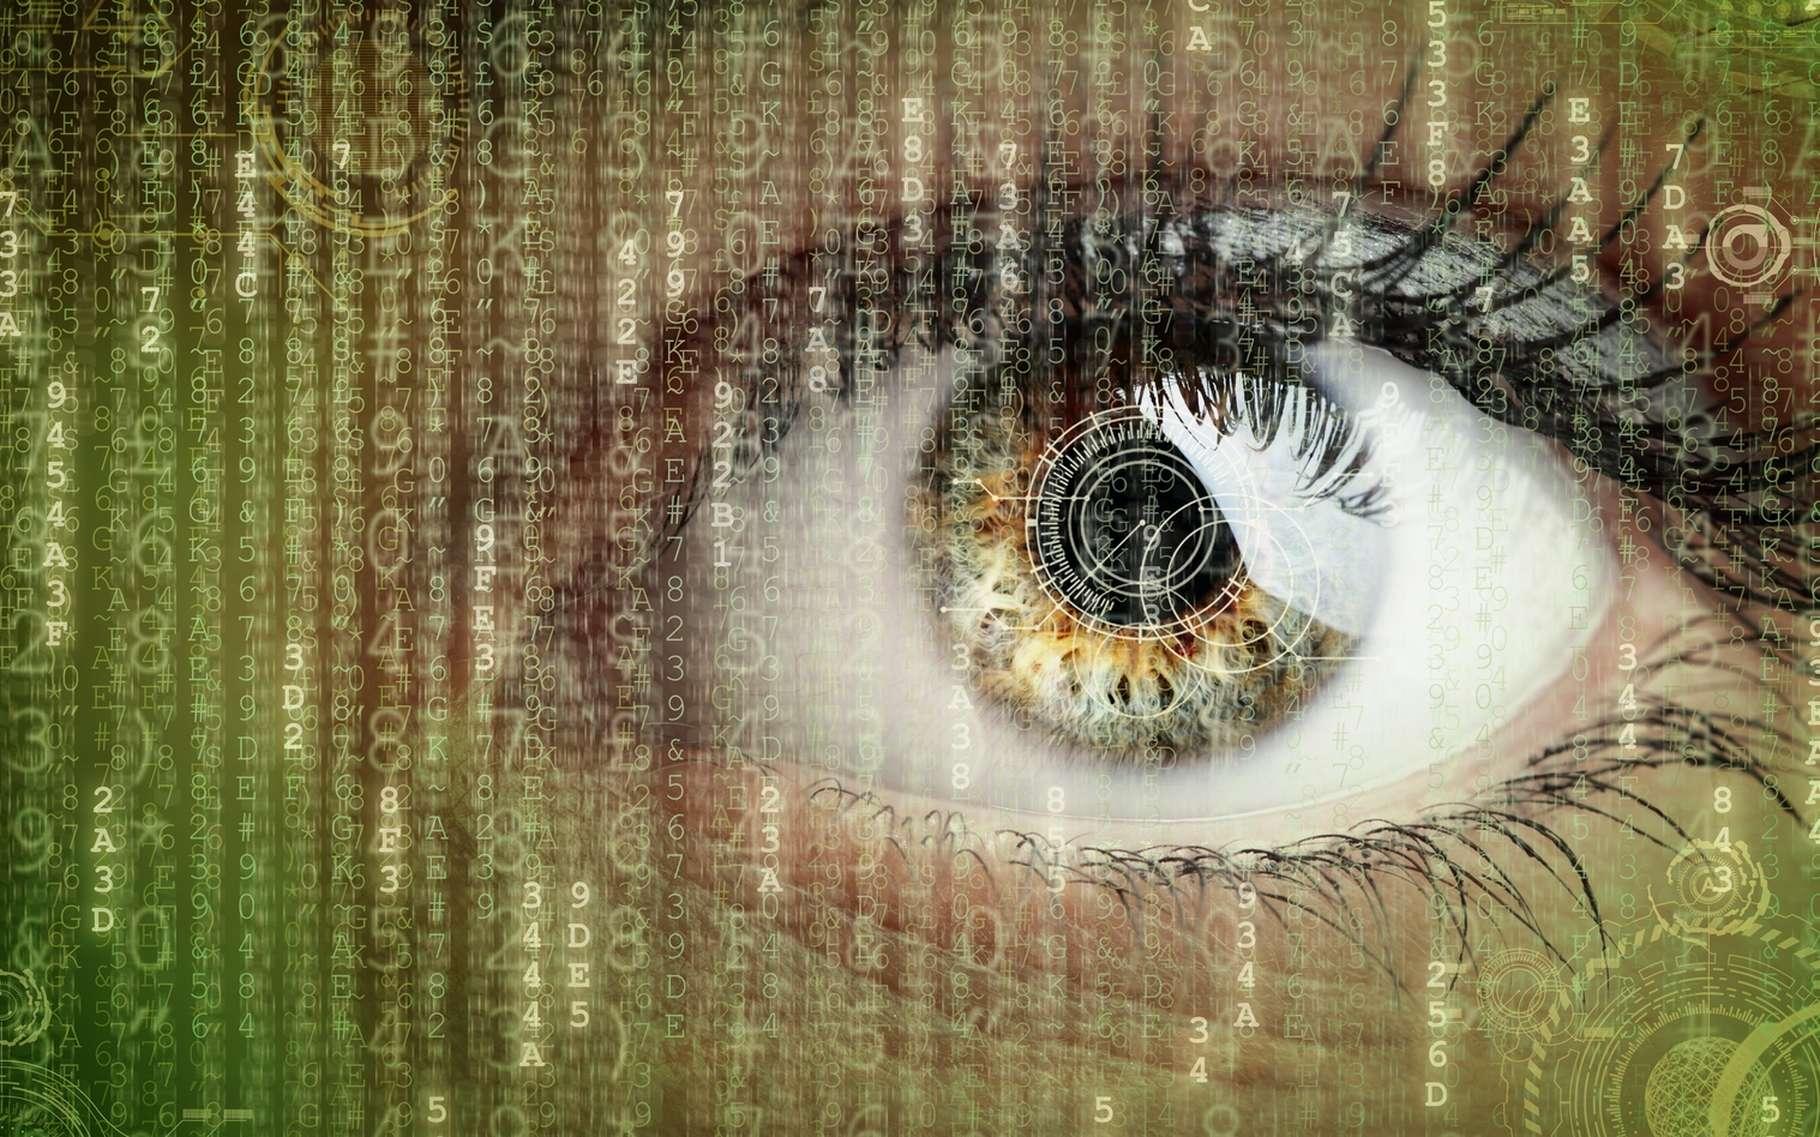 Développé pour le compte d'États désireux de pratiquer la surveillance électronique et/ou l'espionnage industriel, le malware Pegasus était capable d'écouter les communications sous toutes les formes. © Brian A Jackson, Shutterstock